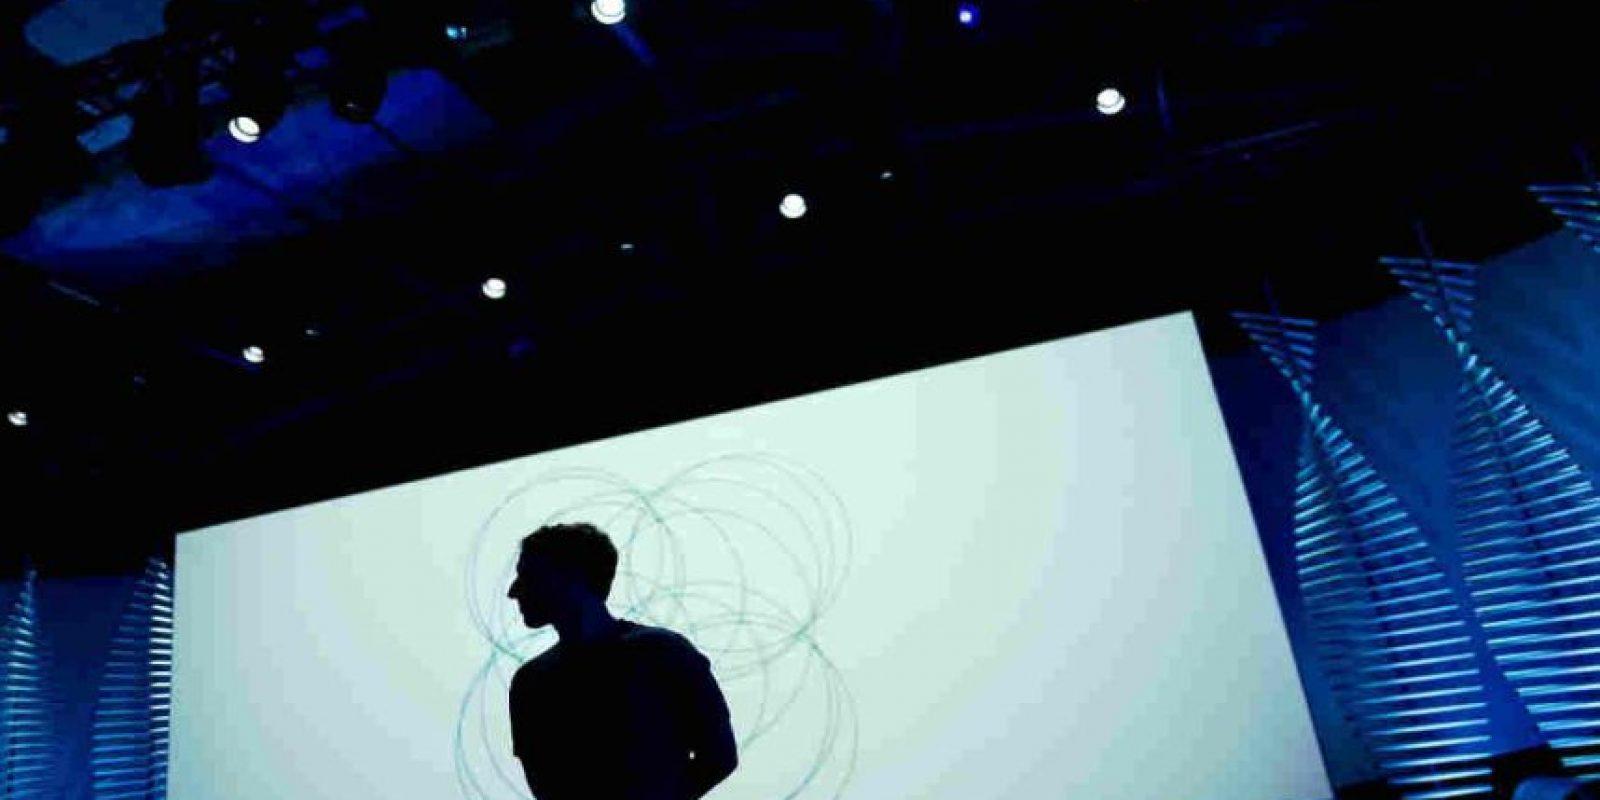 En días pasados se llevó a cabo la conferencia F8 para desarrolladores. Foto:Facebook/Mark Zuckerberg